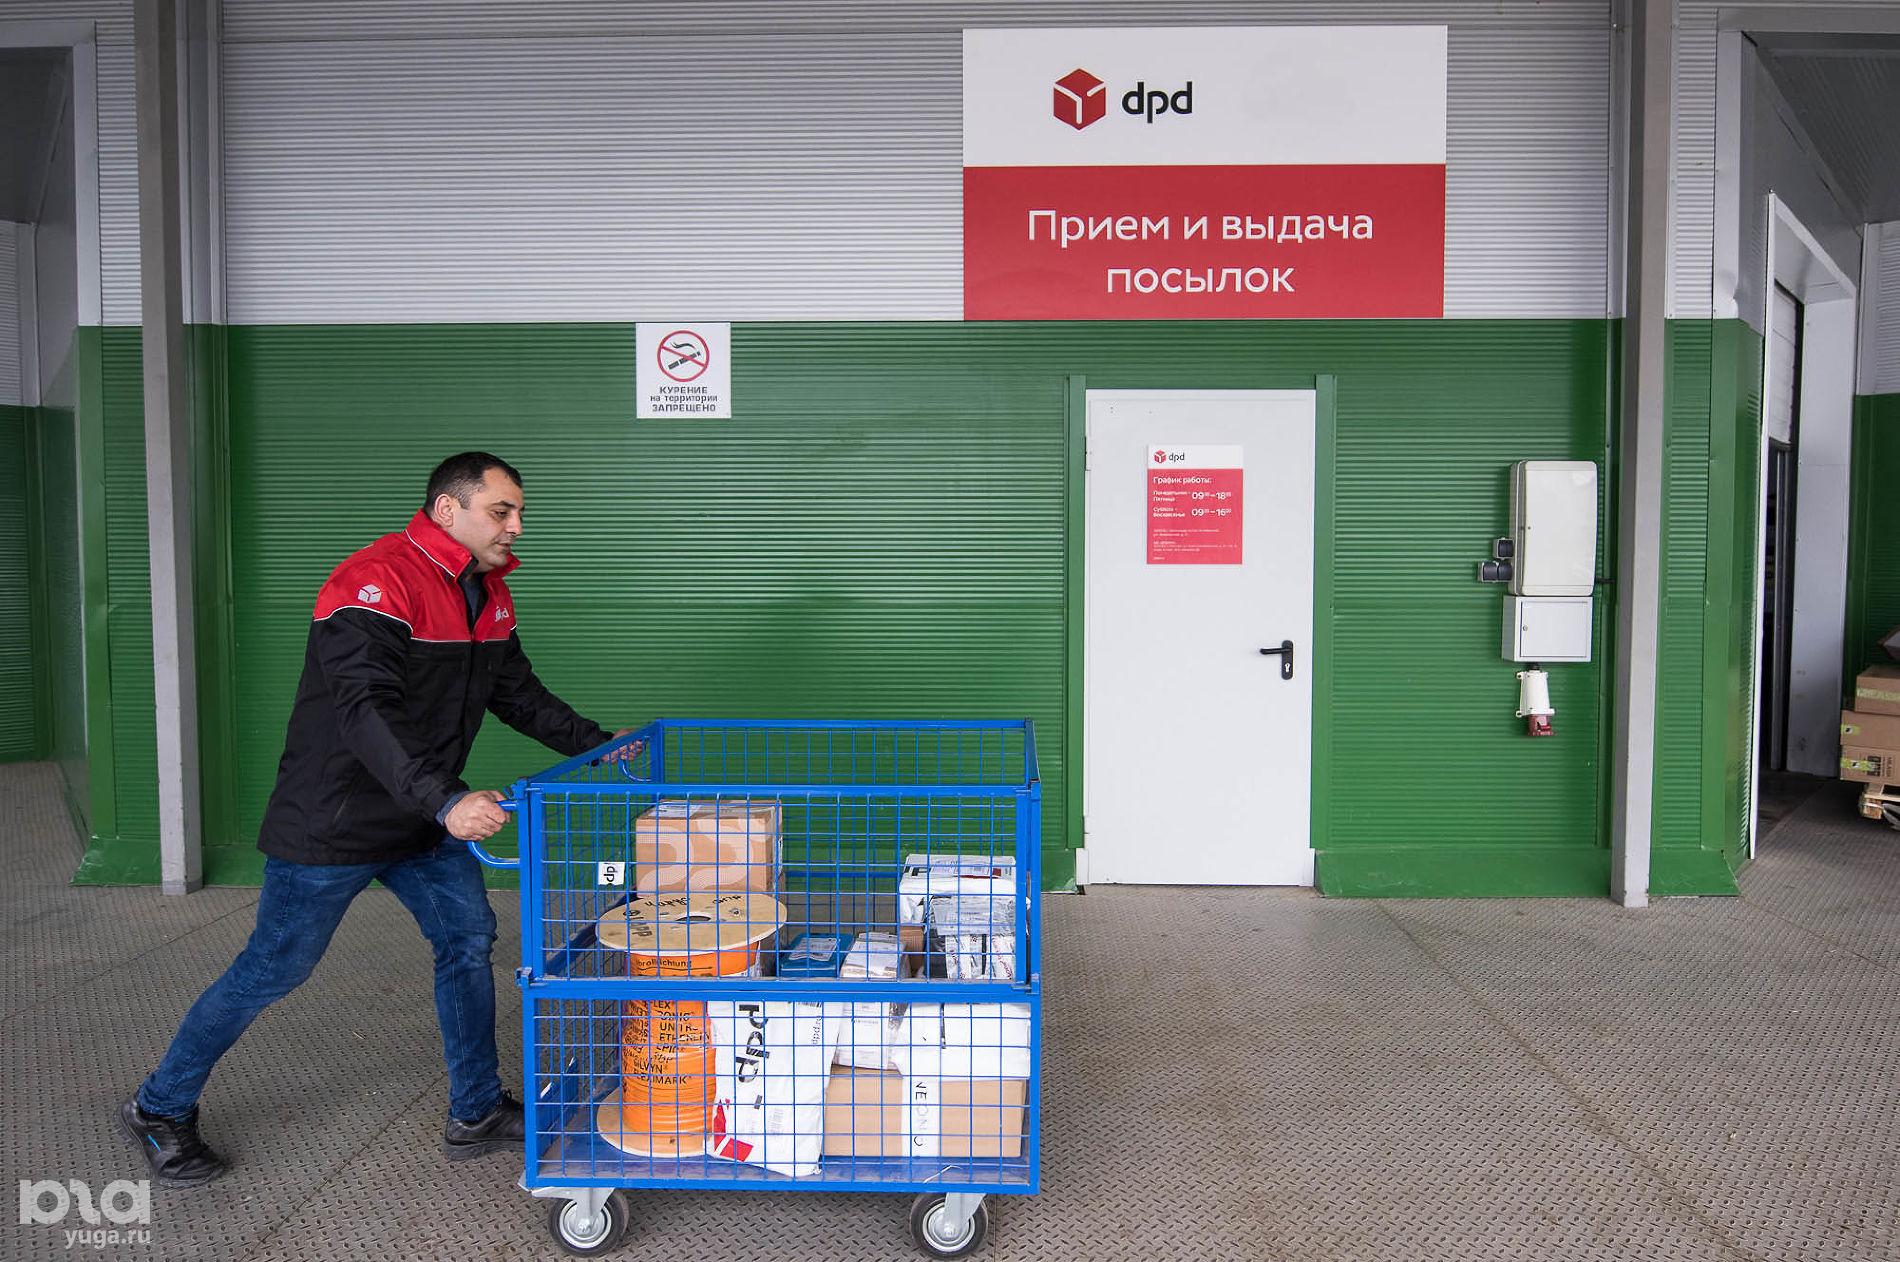 Центральный терминал компании DPD ©Фото Елены Синеок, Юга.ру